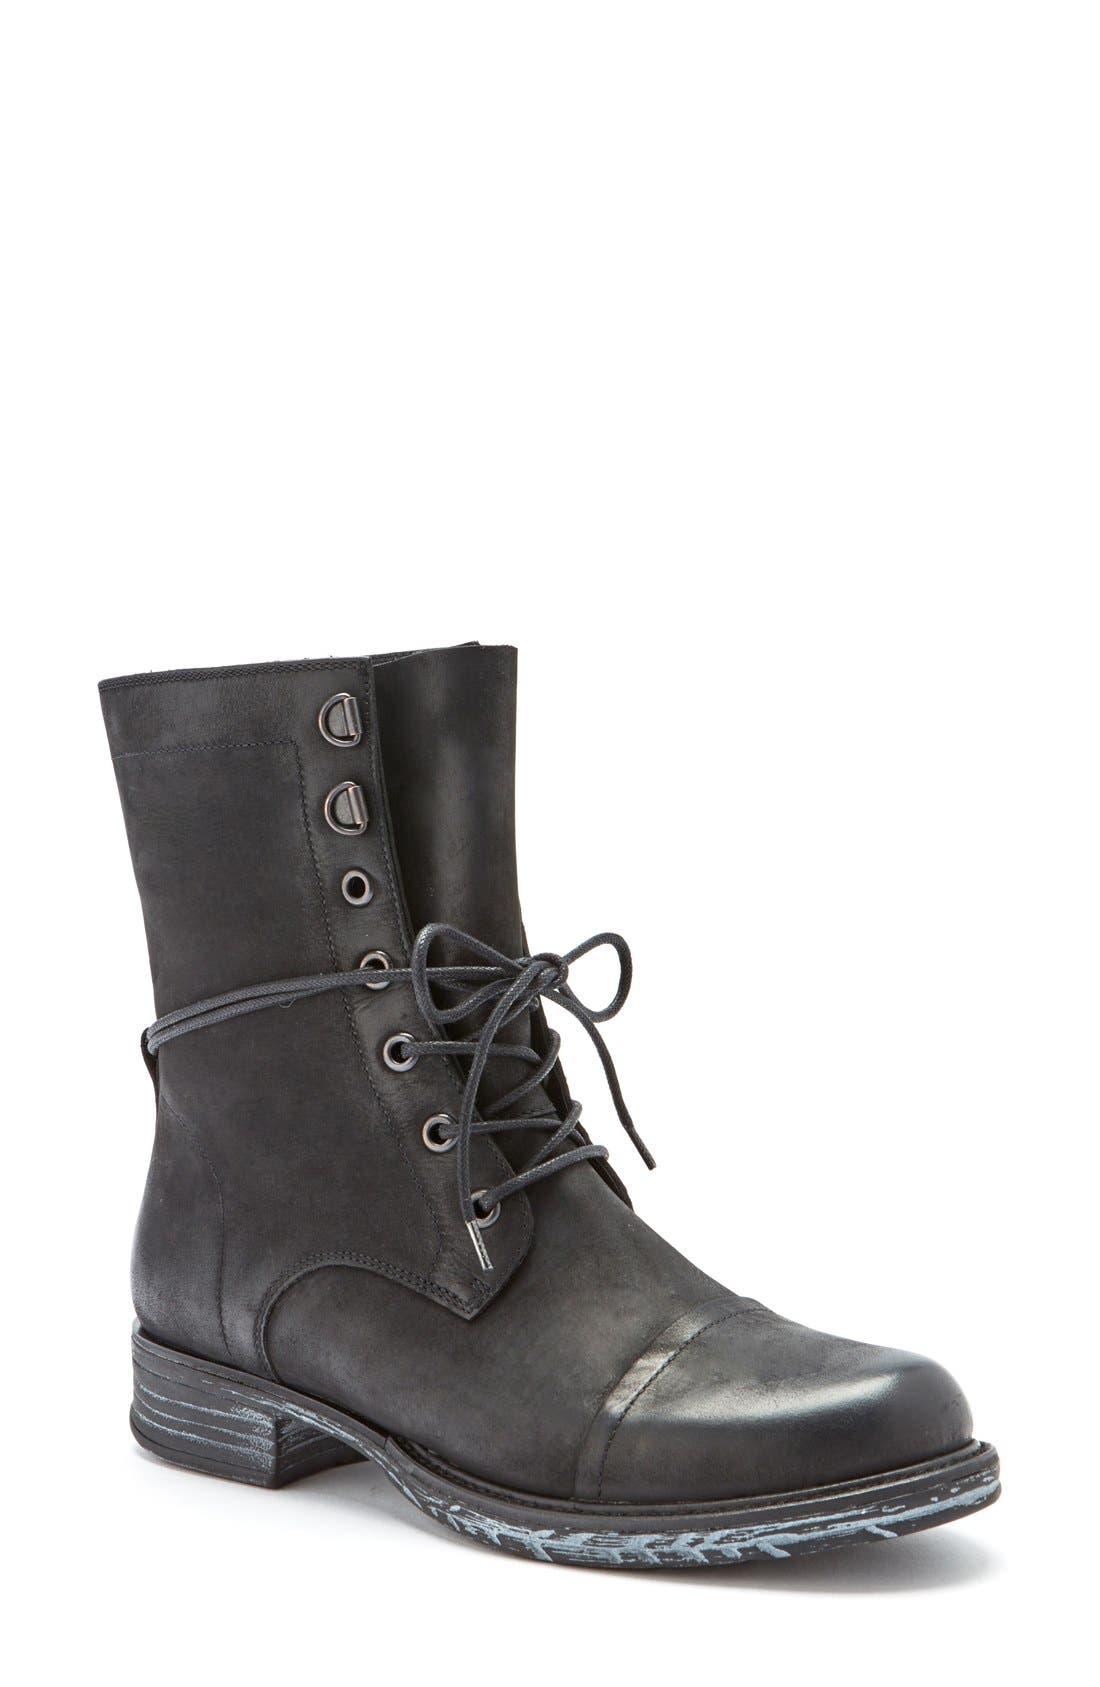 'Pyo' Waterproof Lace-Up Boot,                             Main thumbnail 1, color,                             001